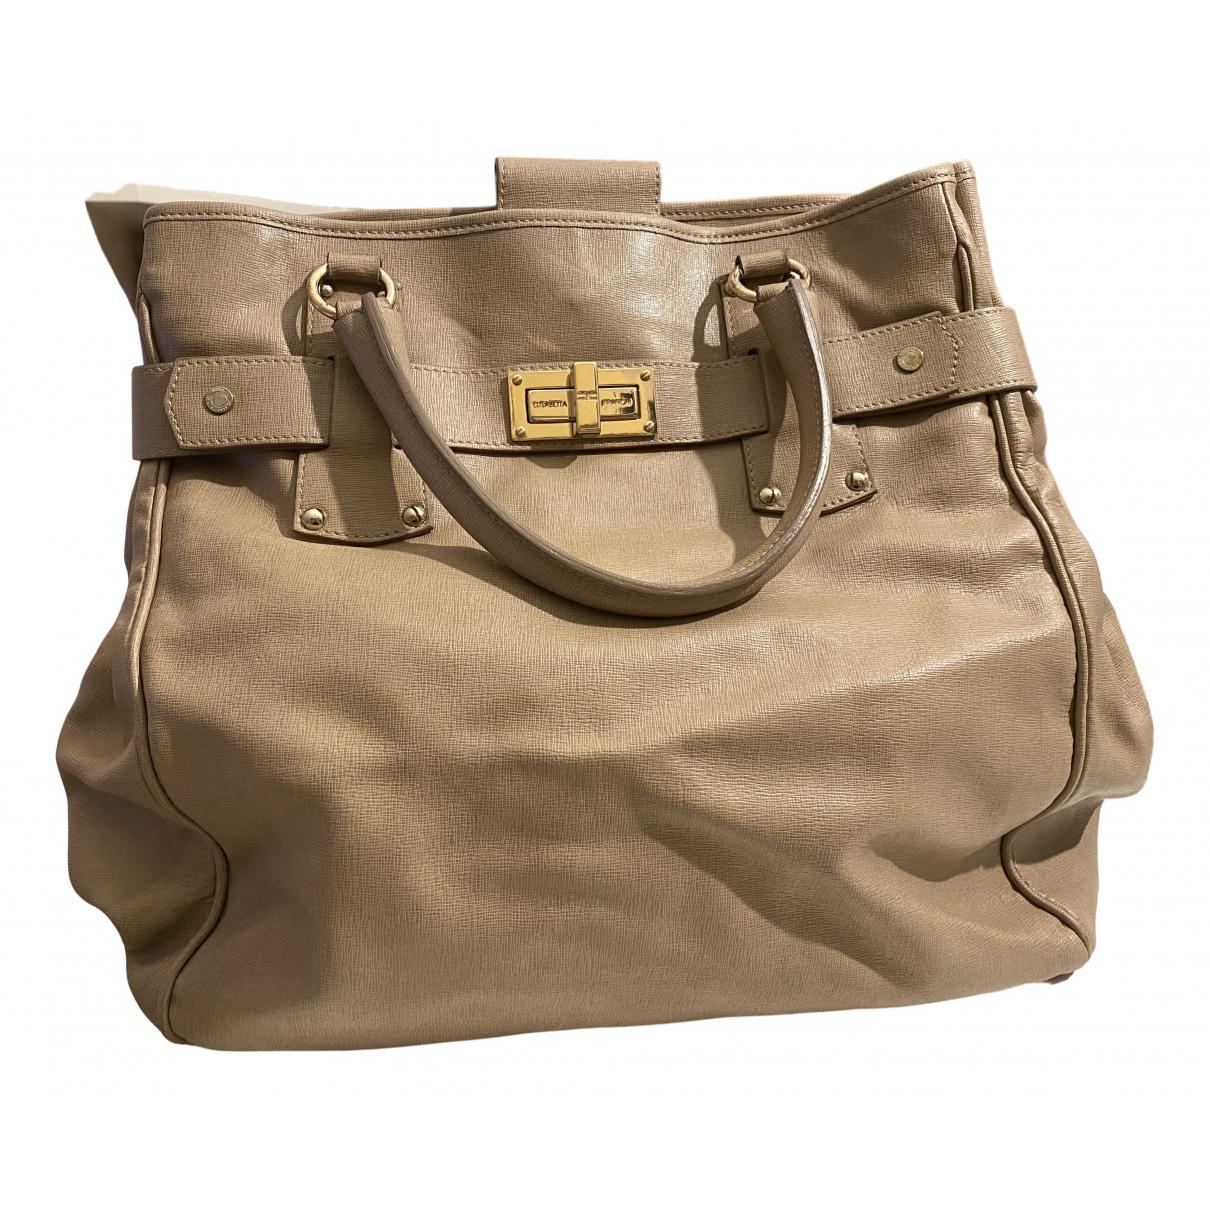 Elisabetta Franchi N Beige handbag for Women N